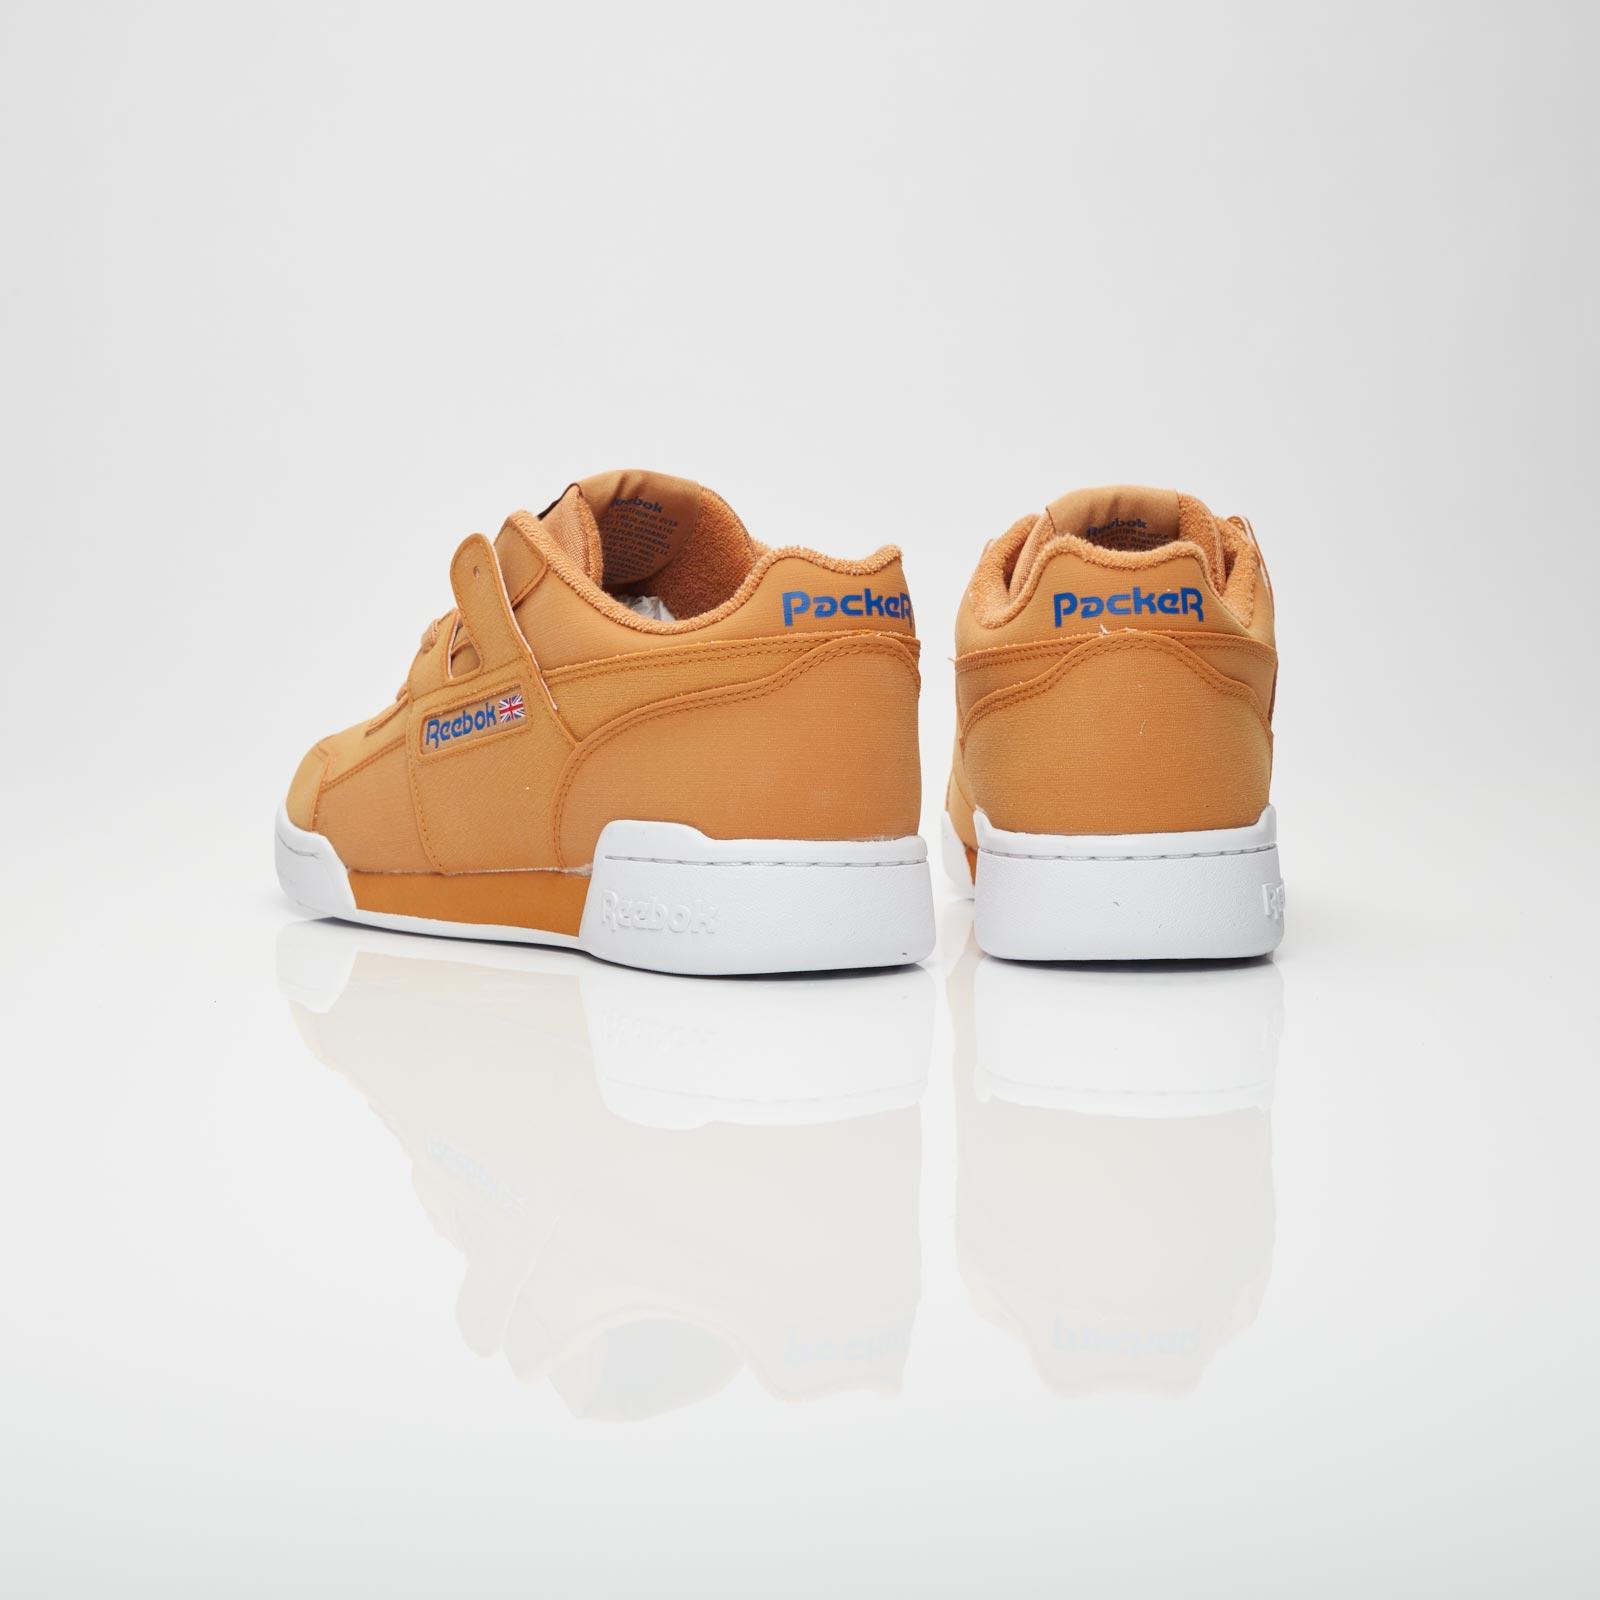 reputable site 8a388 b246a Reebok Workout Lo Plus x Packer - Bs9437 - Sneakersnstuff | sneakers &  streetwear online since 1999